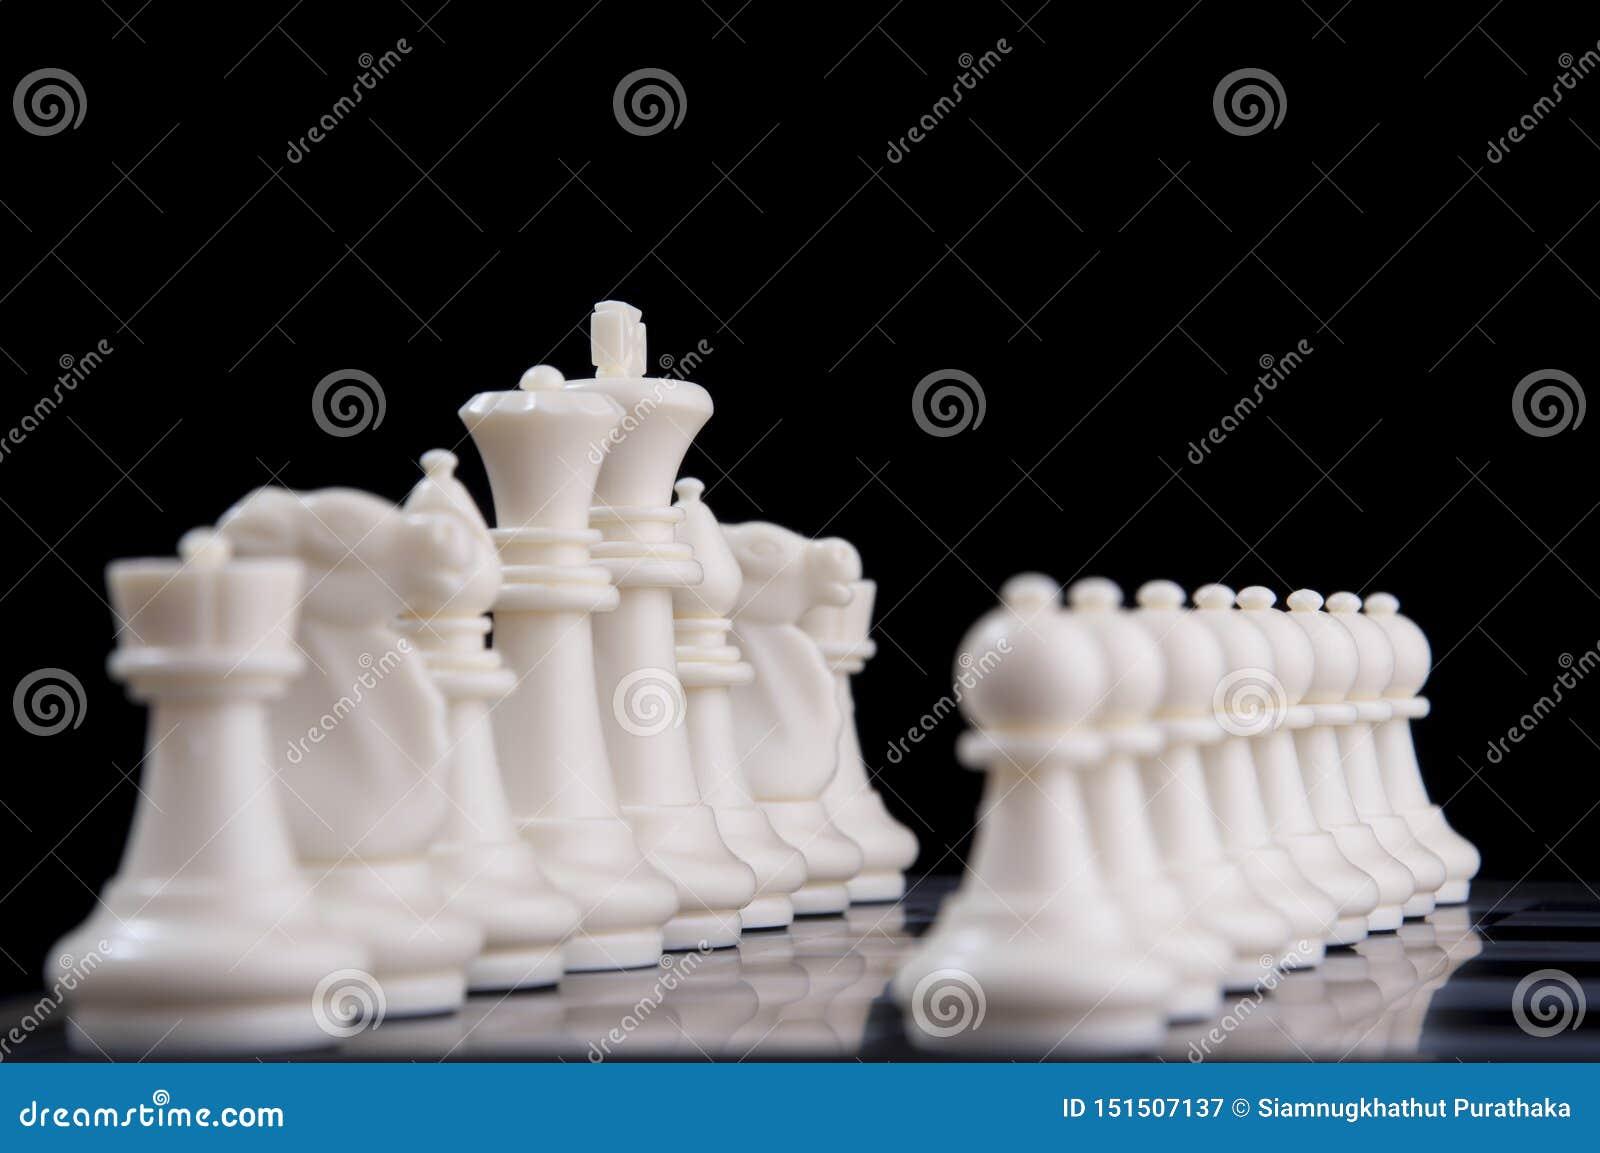 Έννοια επιχειρησιακής στρατηγικής στο μαύρο υπόβαθρο Ιδέα στρατηγικής επιχειρησιακού προγραμματισμού ξεκινήματος με το παιχνίδι σ